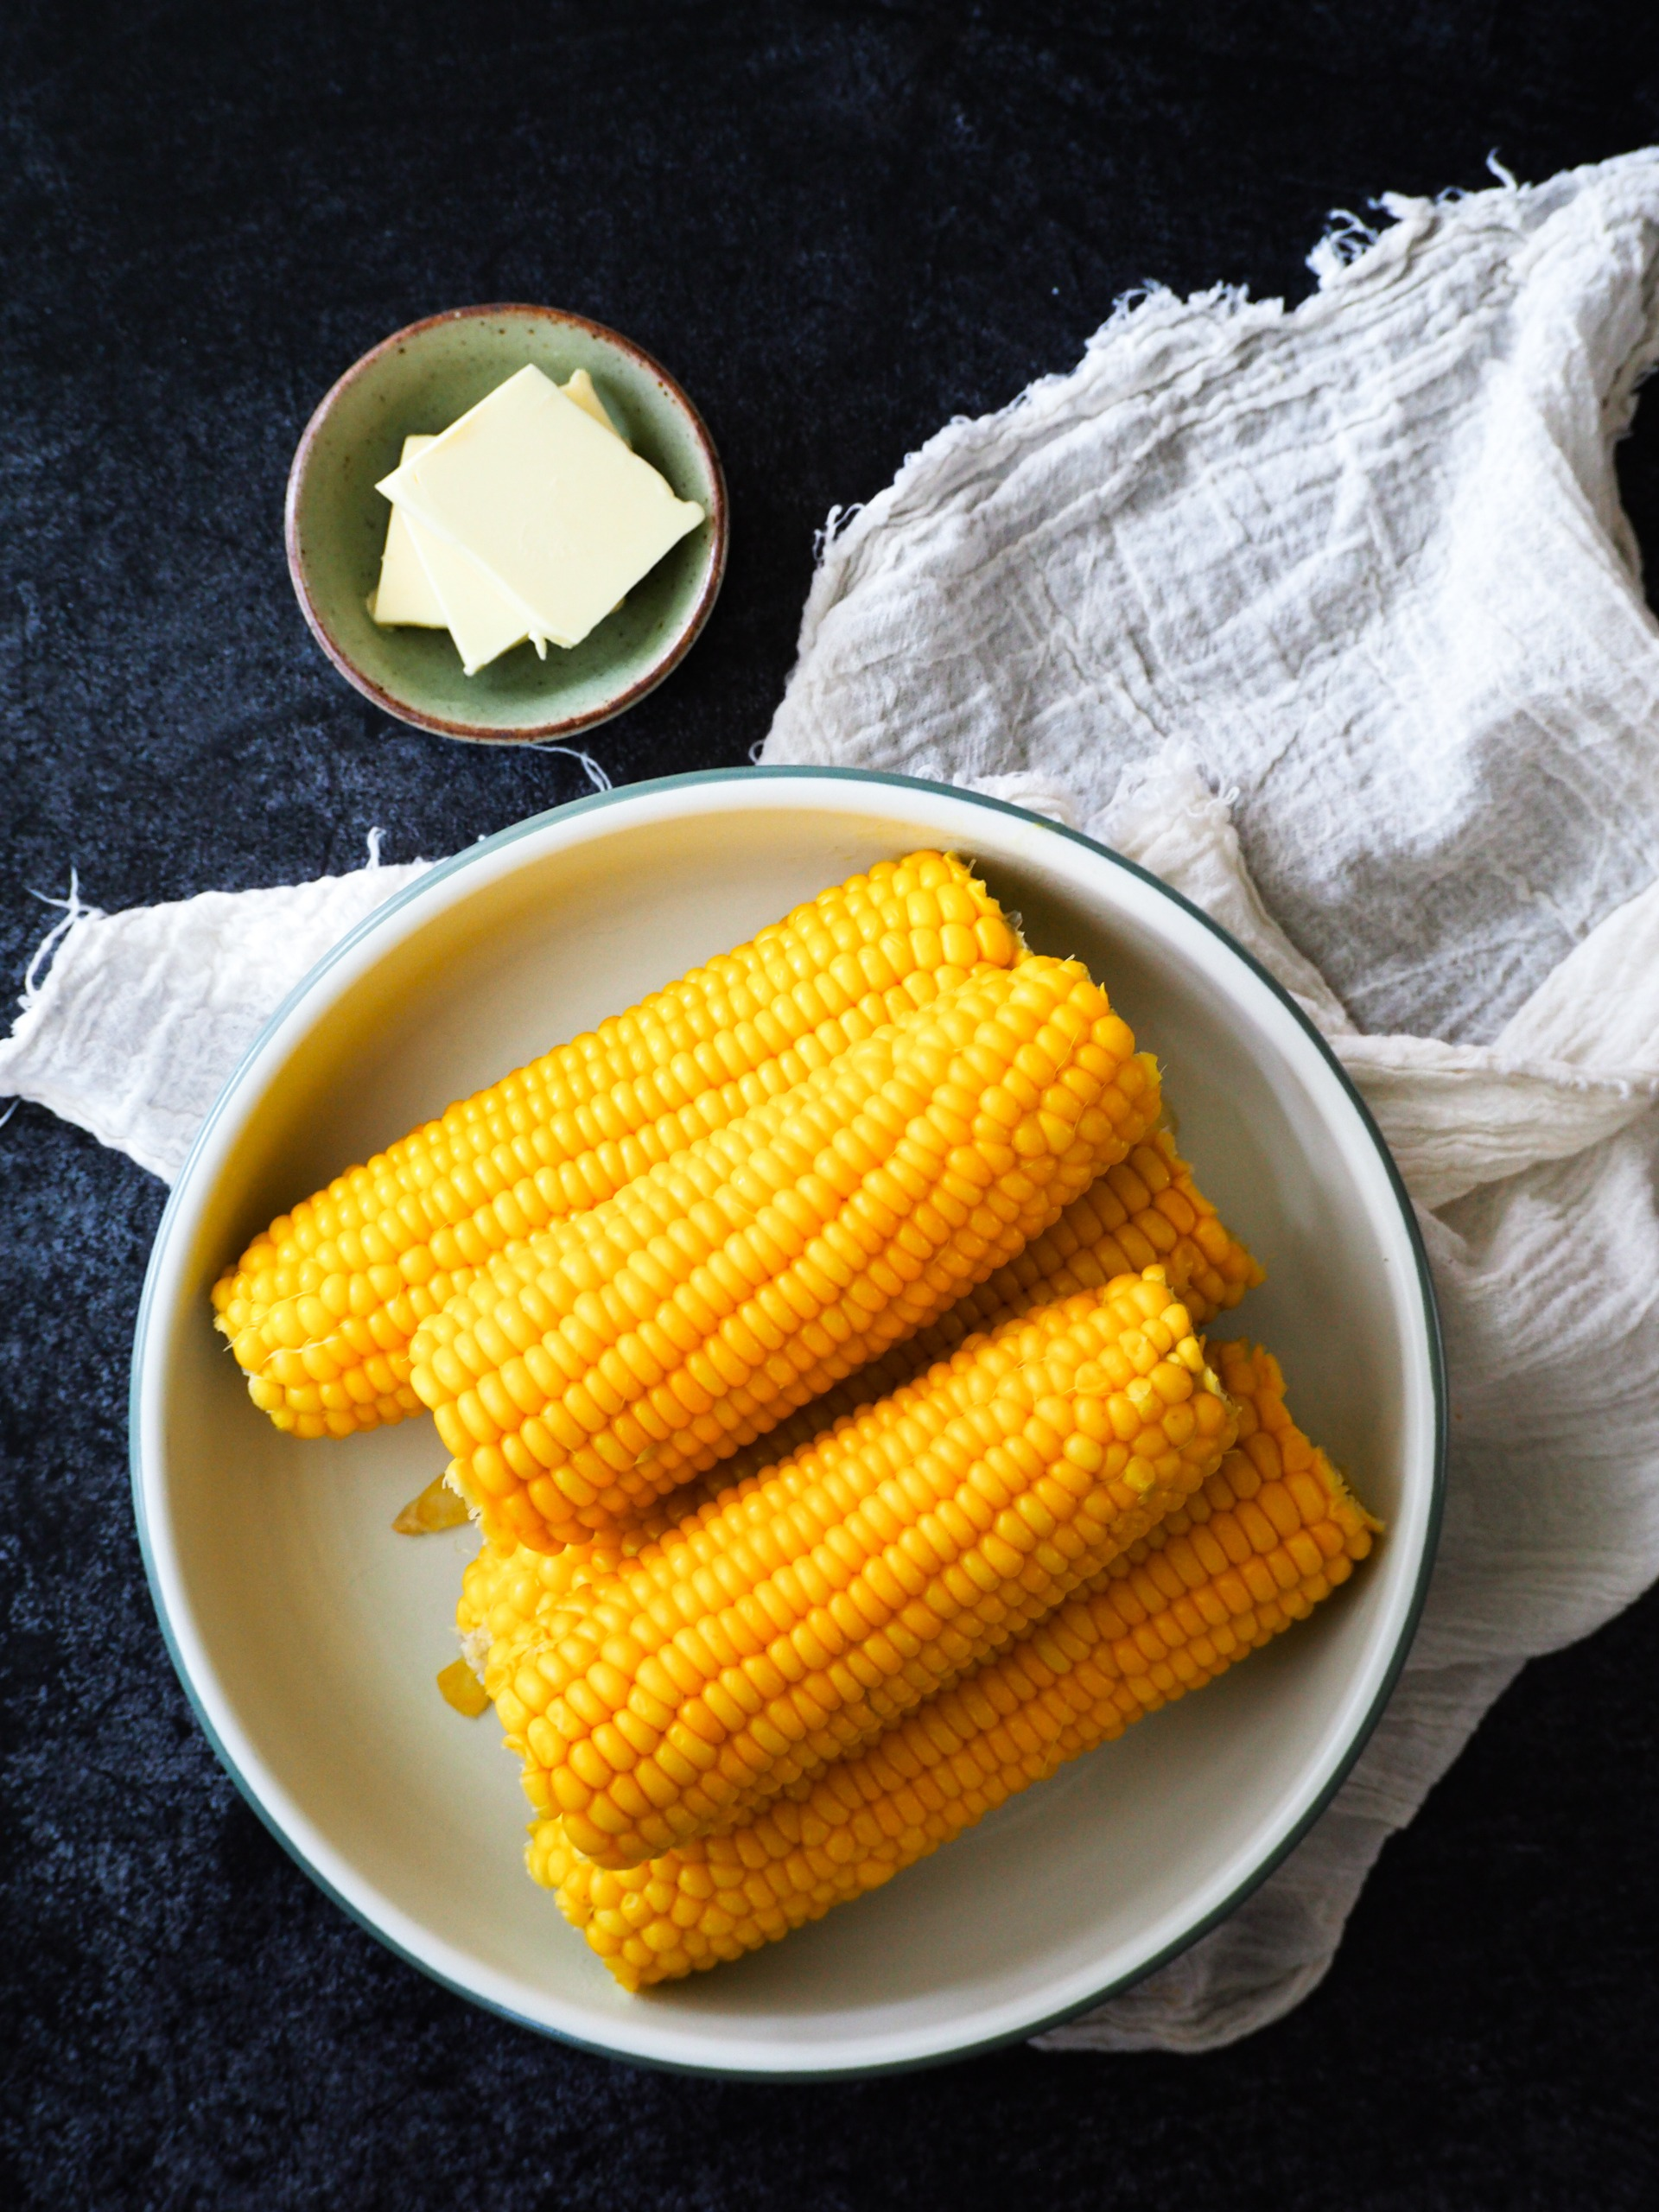 Maiskolven uit de instant pot